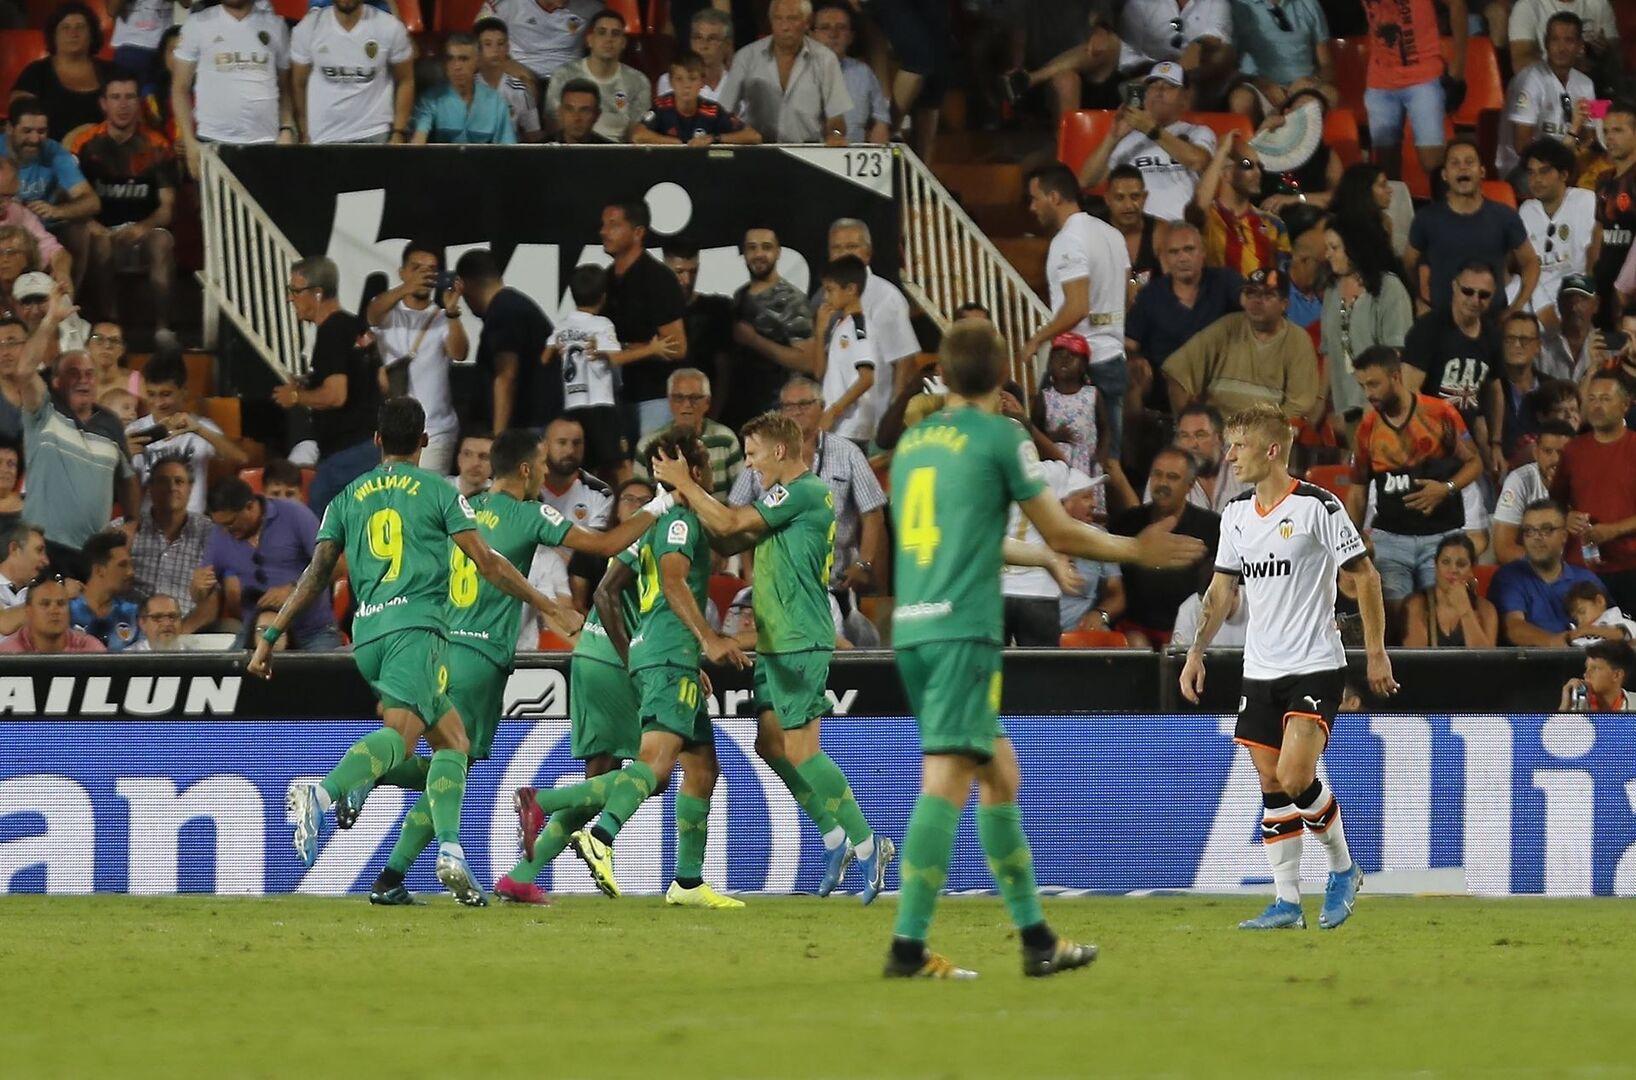 Empates entre Valencia y Real (1-1) y Villarreal y Granada (4-4) y victorias de Mallorca (2-1) y Osasuna (0-1)